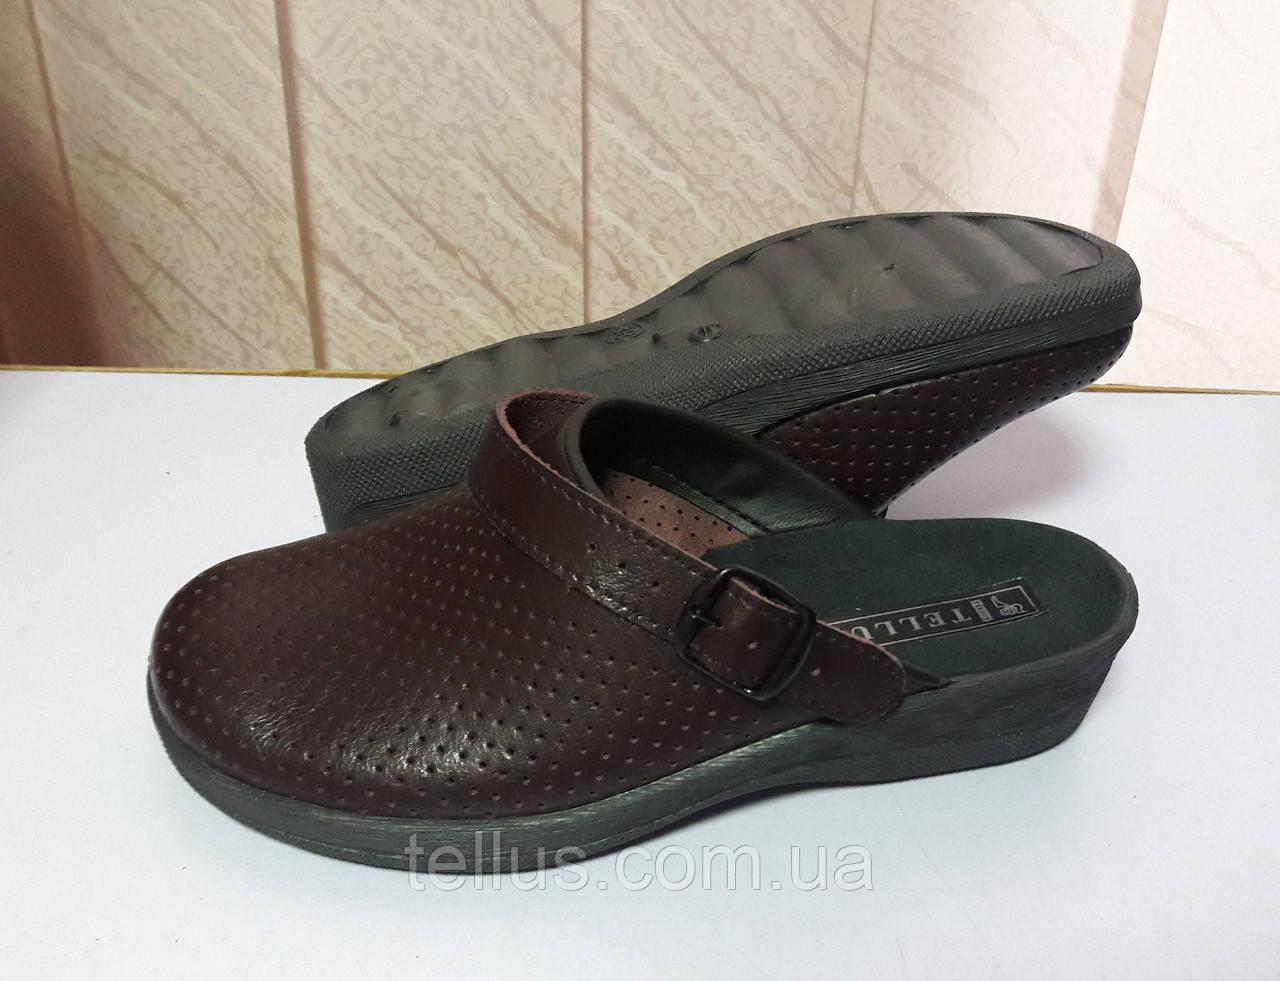 676fc3634 Кожаная женская обувь бордо : продажа, цена в Киеве. спецобувь от ...